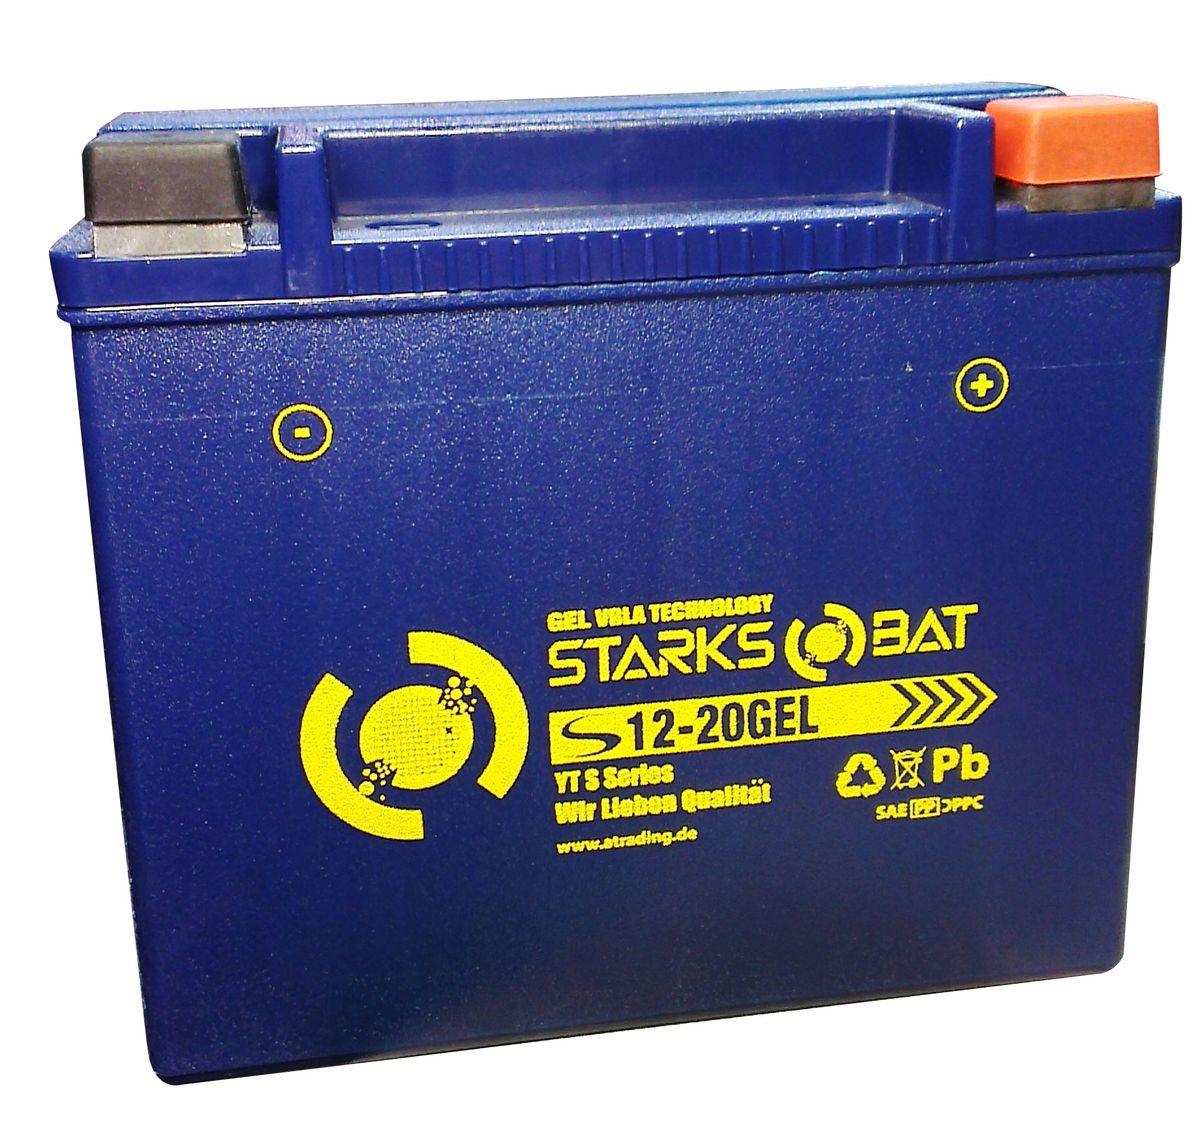 Батарея аккумуляторная для мотоциклов Starksbat. YT S 12-20 GEL (YTX20L-BS)S03301004YT S 12-20 GEL (YTX20L-BS, YTX20HL-BS, YB16CL-B, YB16L-B, YB18L-A) Аккумуляторы для мотоциклов STARKSBAT производятся немецким концерном Active Trading GmbH. Аккумуляторы STARKSBAT изготовлены по технологии AGM, обеспечивающей повышенный уровень безопасности батареи и удобство ее эксплуатации. Корпус АКБ STARKSBAT выполнен из особо ударопрочного и морозостойкого полипропилена. Аккумуляторы STARKSBAT длительное время успешно продаются в США и Канаде, где блестяще доказали свои высокие эксплуатационные свойства в самых экстремальных условиях бездорожья, высоких и низких температур. Аккумуляторные батареи STARKSBAT производятся под знаменитым Немецким контролем качества, что обеспечивает им высокие пусковые характеристики и восстановление емкости даже после глубокого разряда.YT S 12-20 GEL Technology (YTX20L-BS, YTX20HL-BS, YB16CL-B, YB16L-B, YB18L-A)Параметры аккумулятора:Напряжение (В): 12 Емкость (А/Ч): 18 Размеры (мм): 175х87х155 Полярность: Обратная (-+) Ток холодной прокрутки: 310 Аh (EN)Корпус АКБ STARKSBAT выполнен из особо ударопрочного и морозостойкого полипропилена